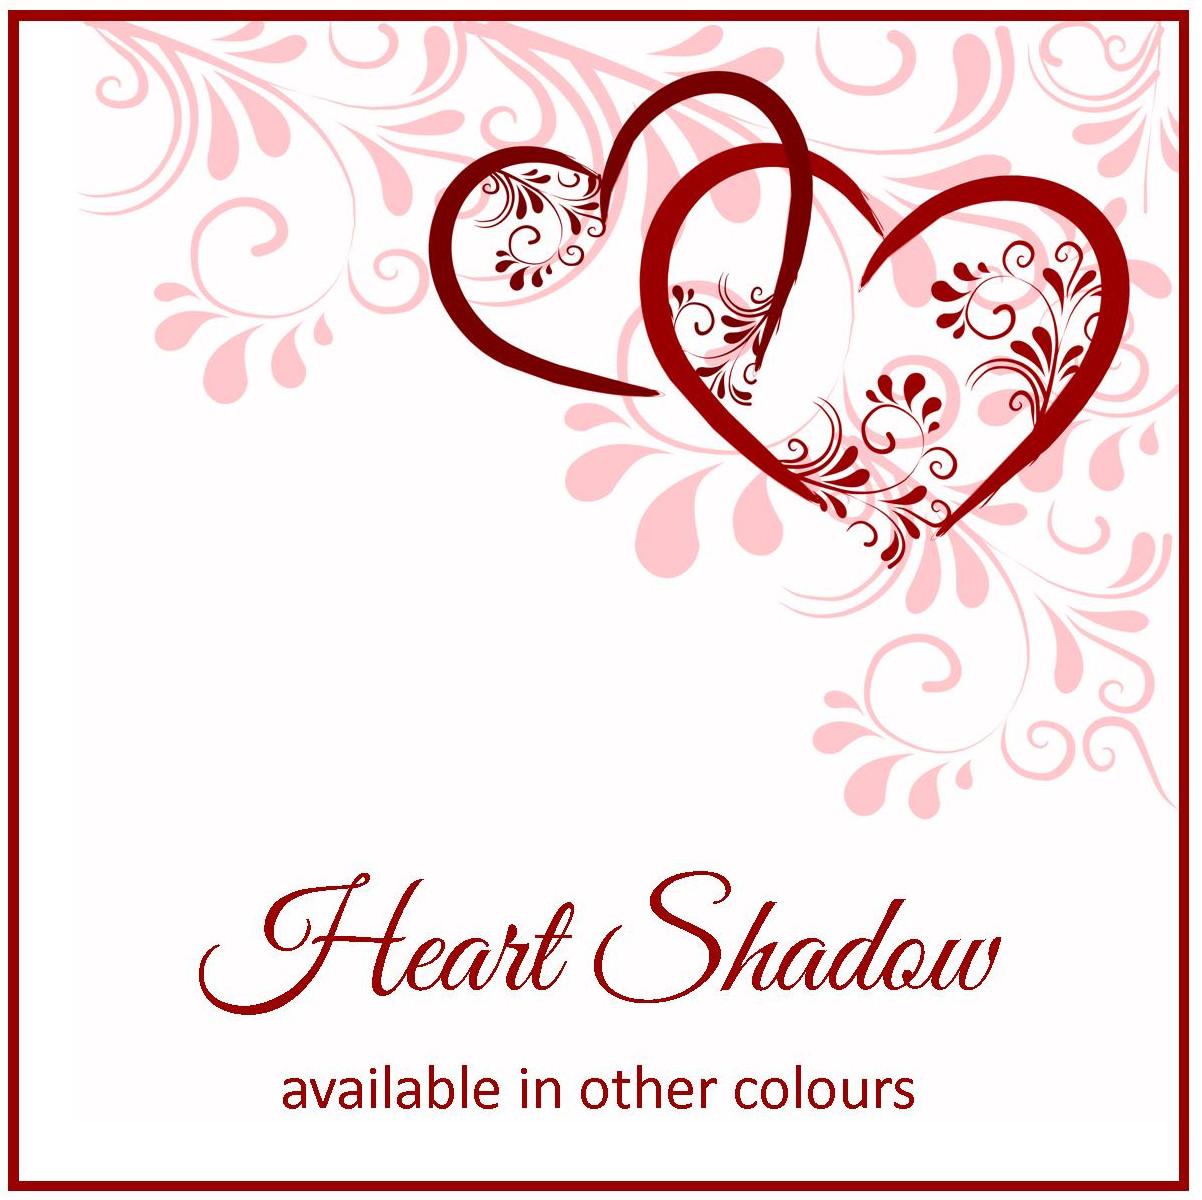 Heart Shadow.jpg